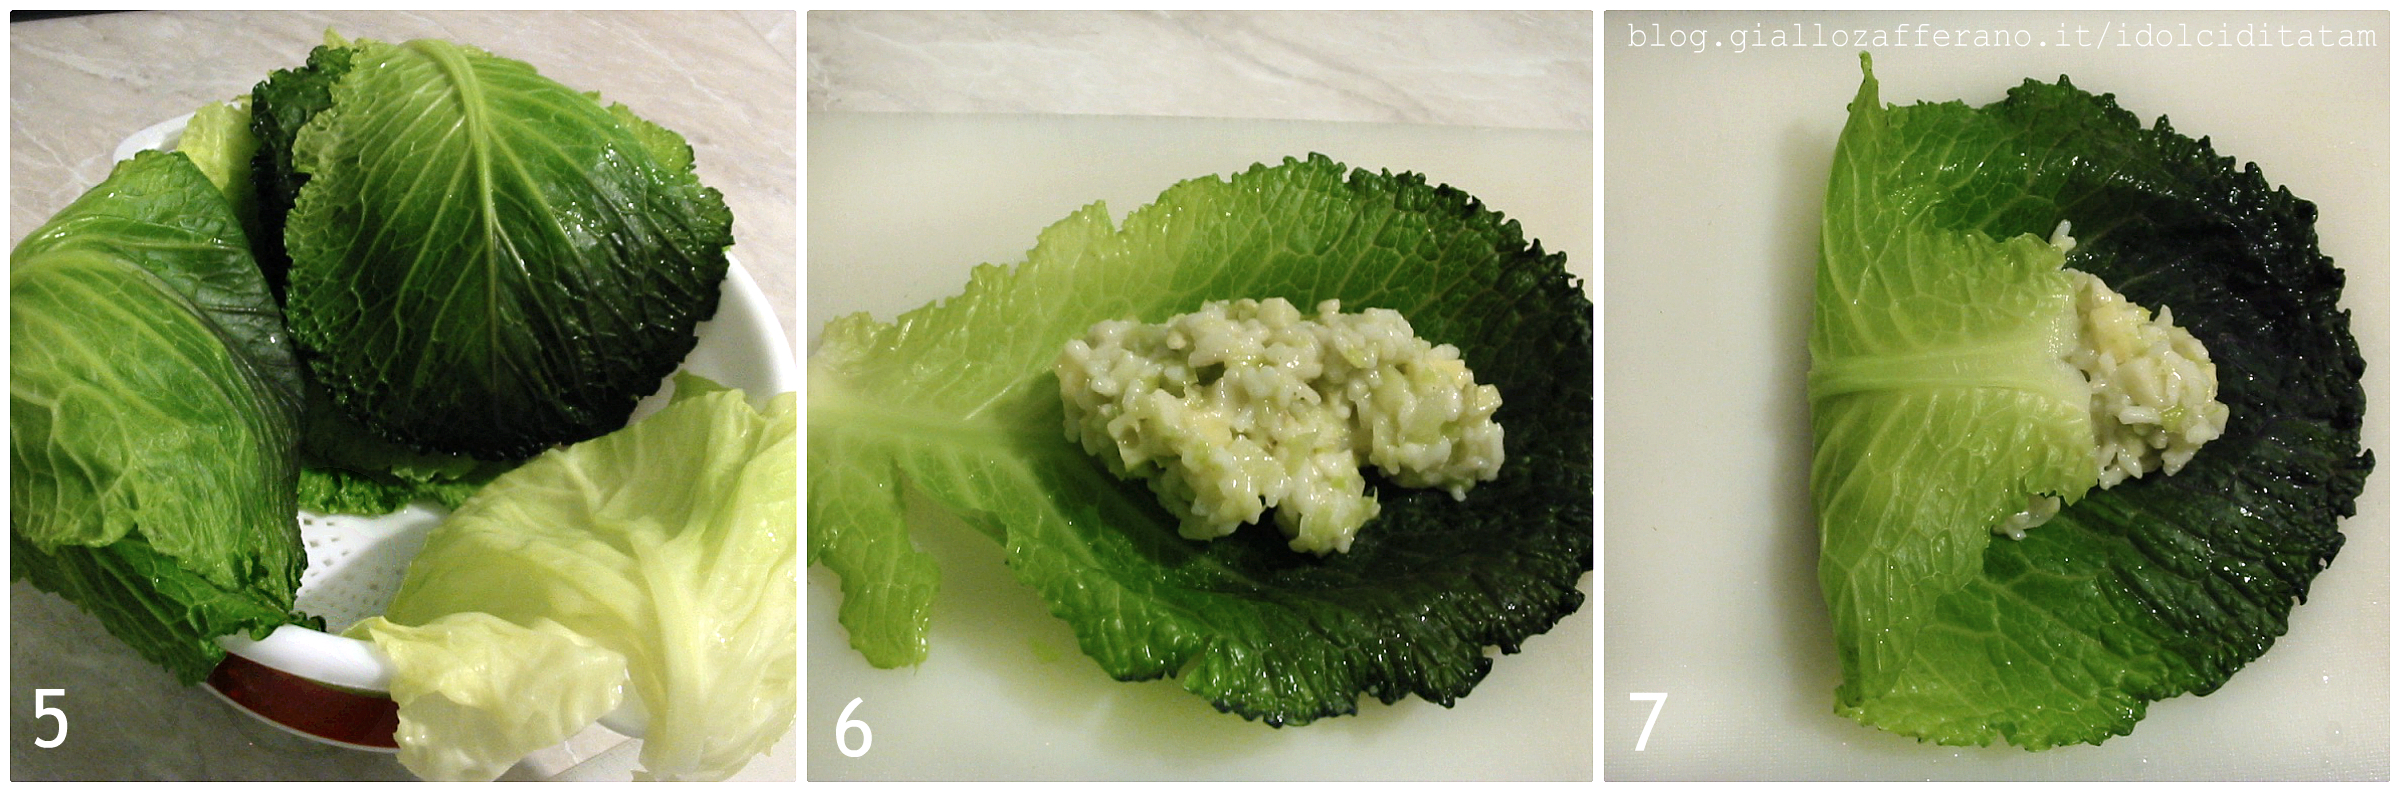 involtini-di-verza-al-riso5-7